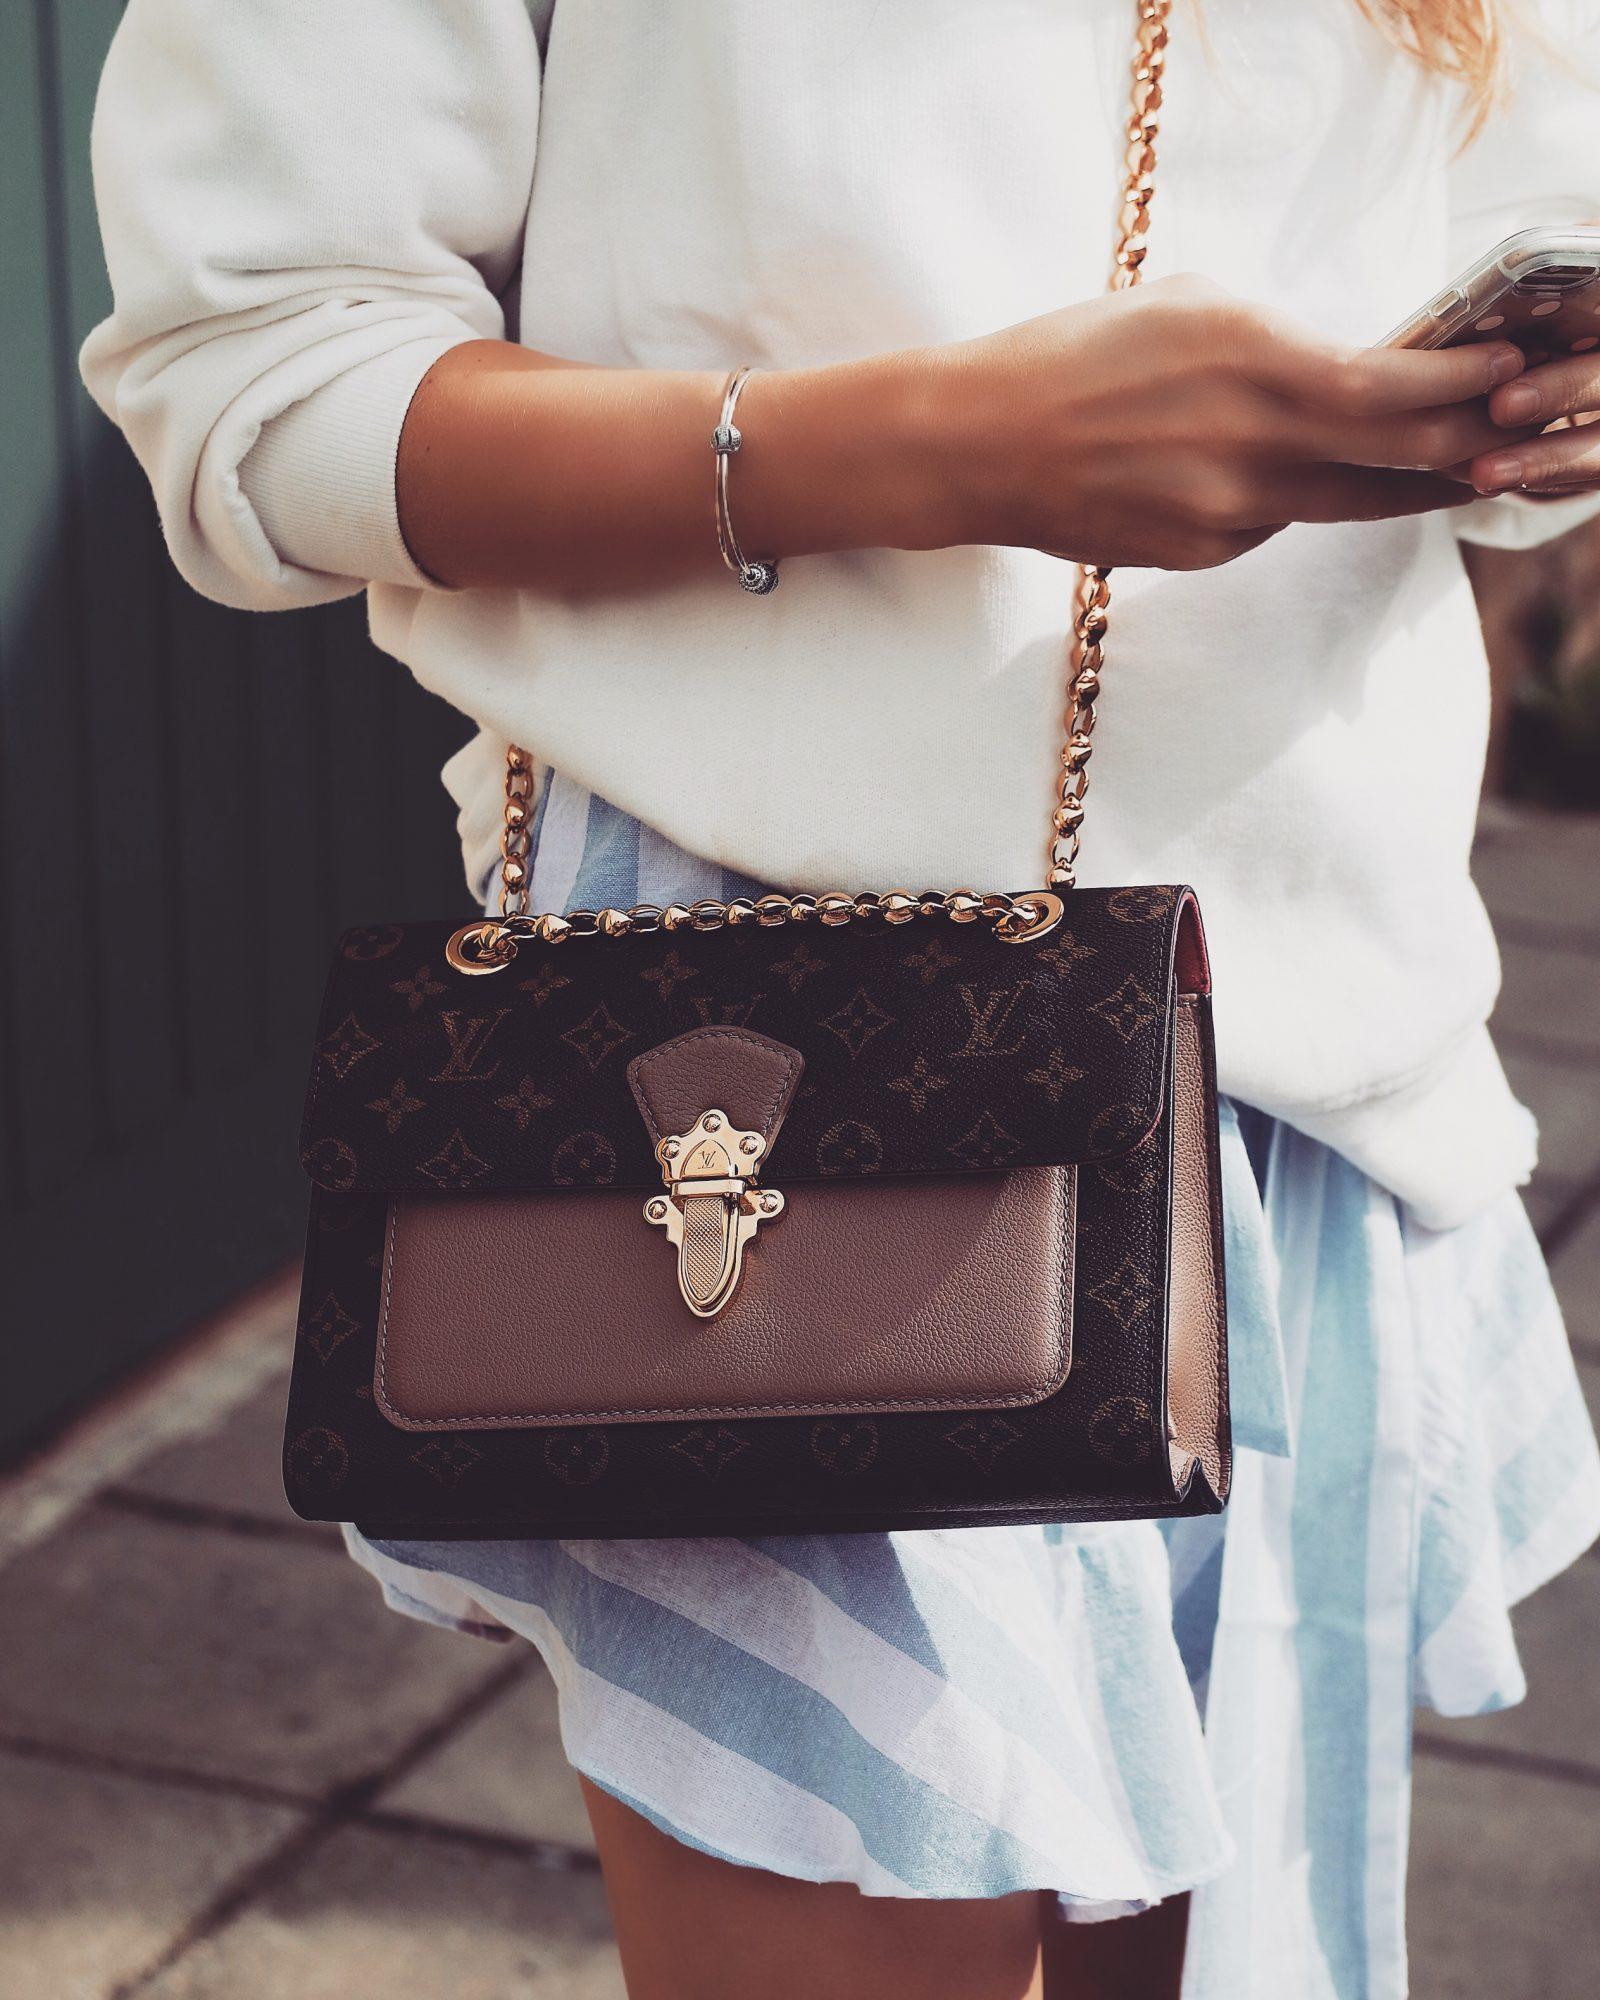 Real Time Haul - Louis Vuitton Chain Bag